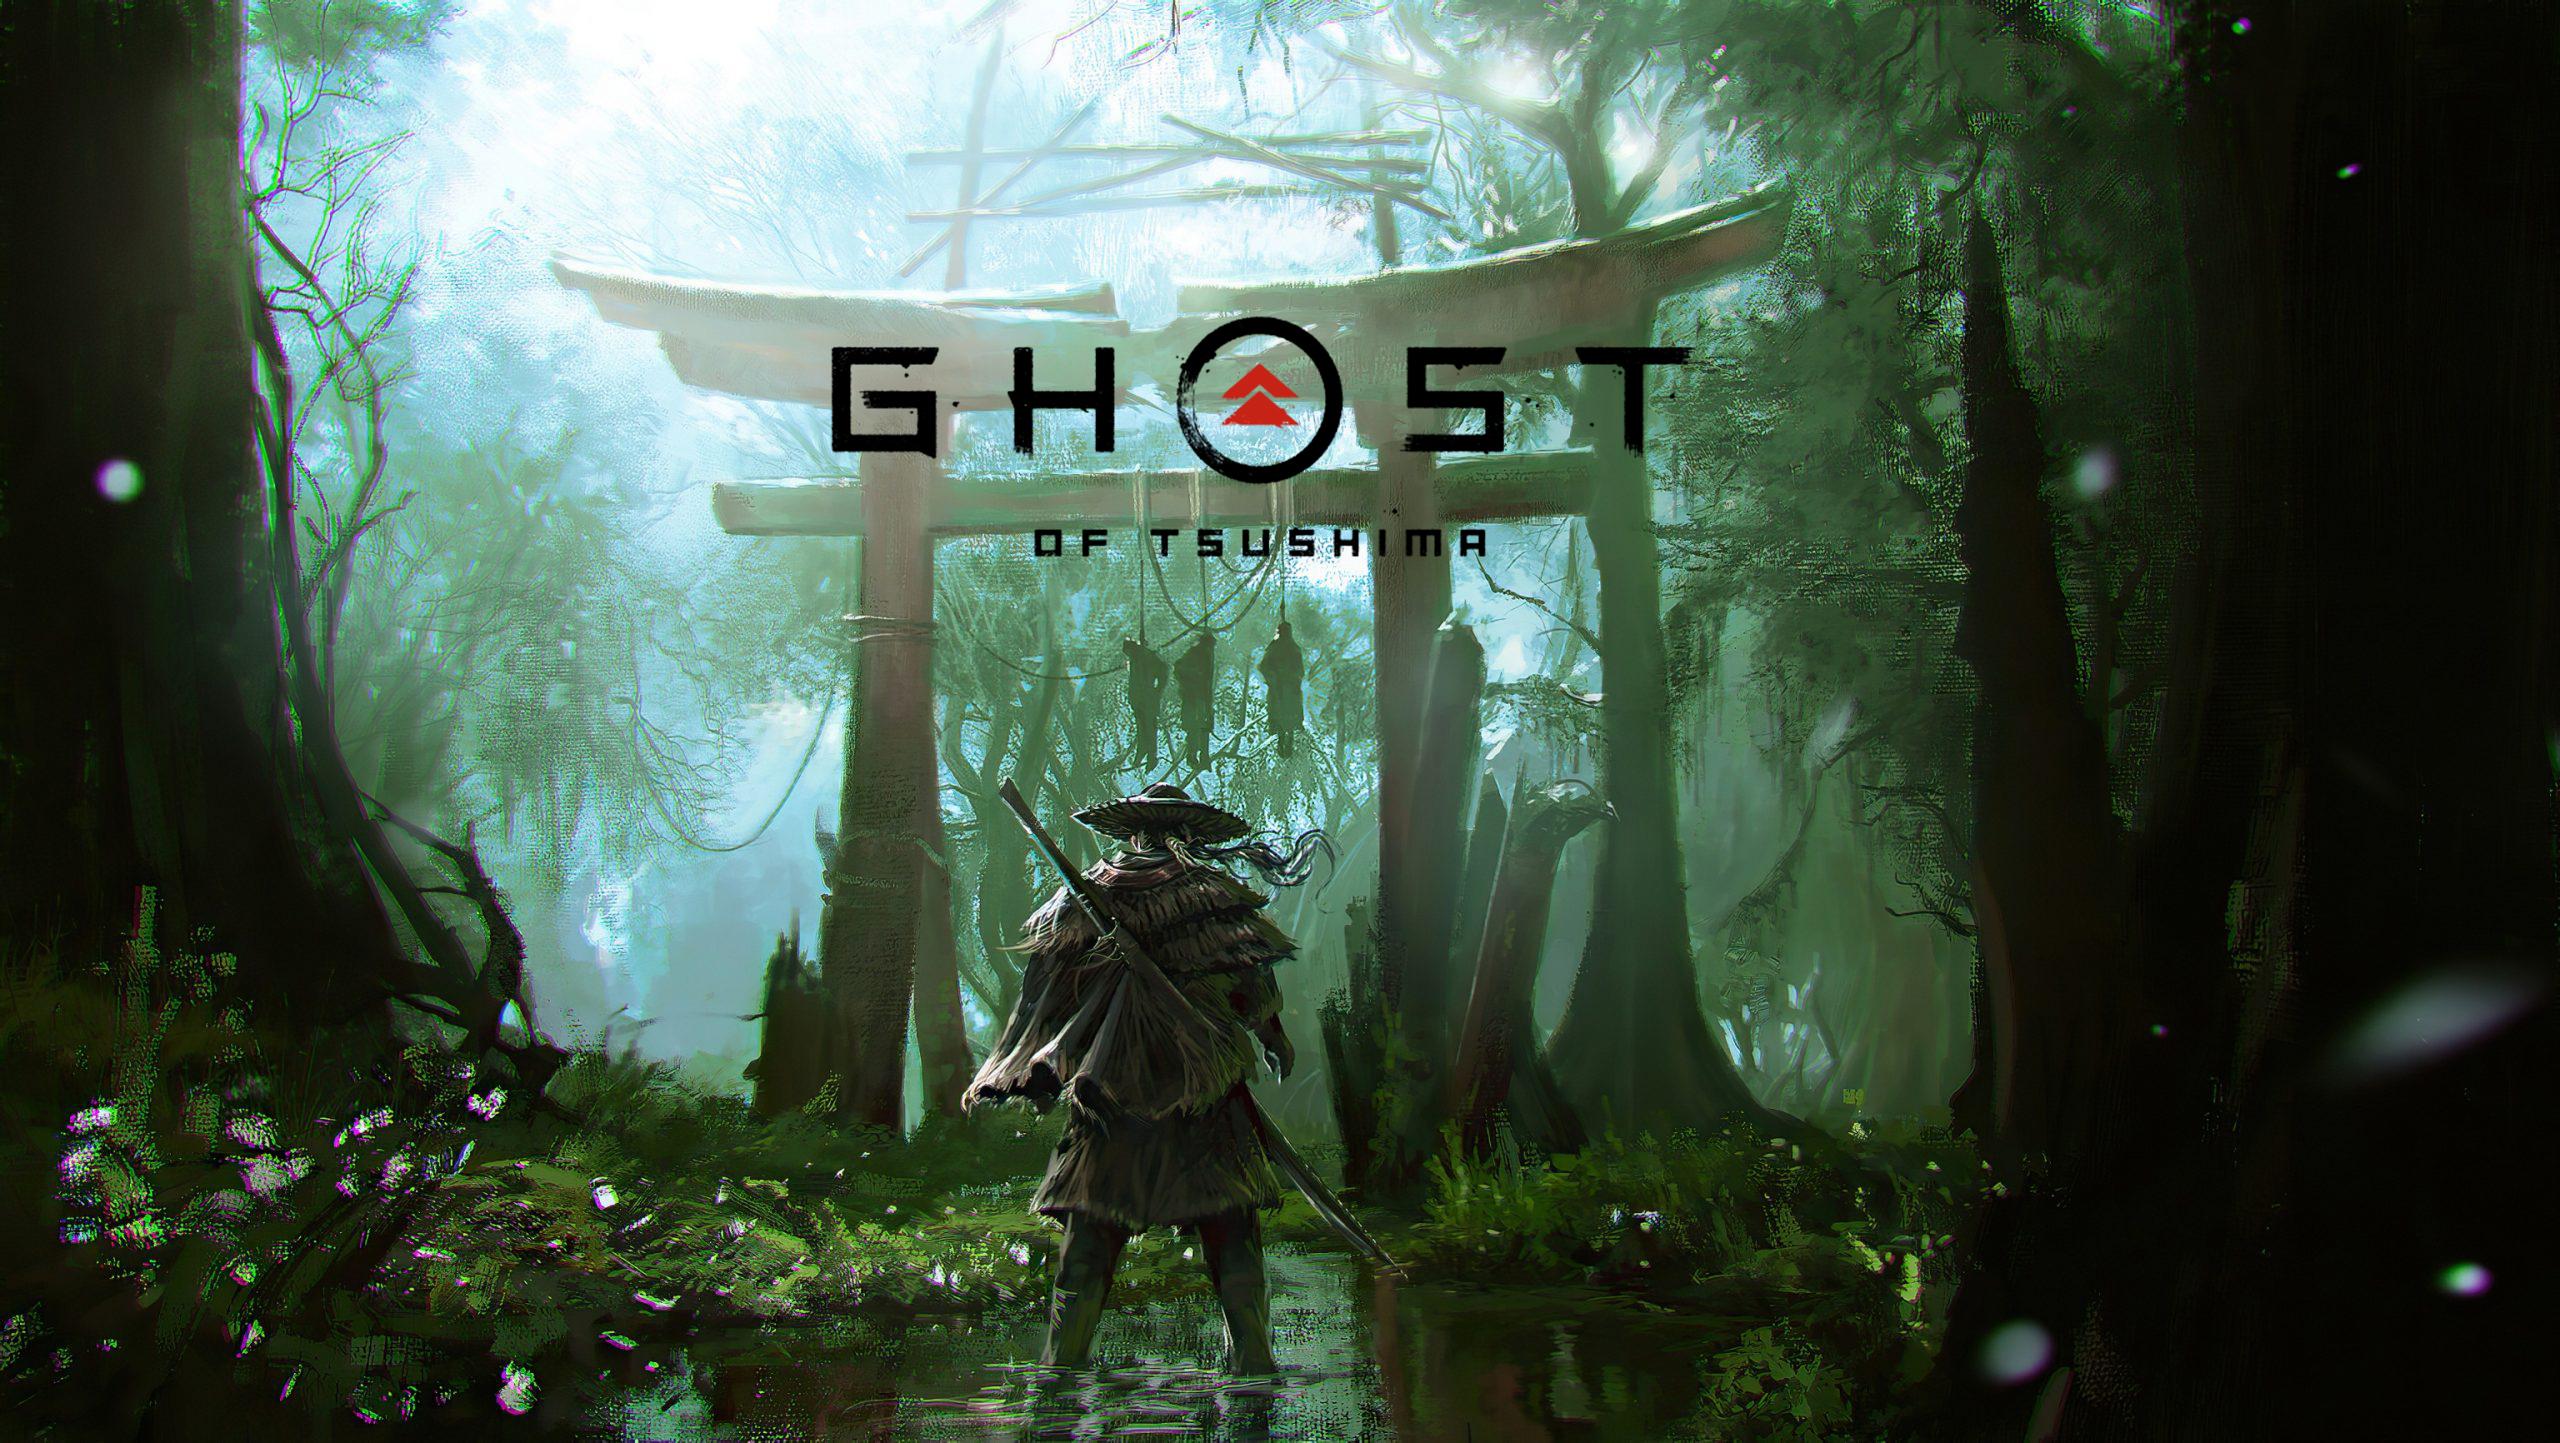 بازی Ghost of tsushima